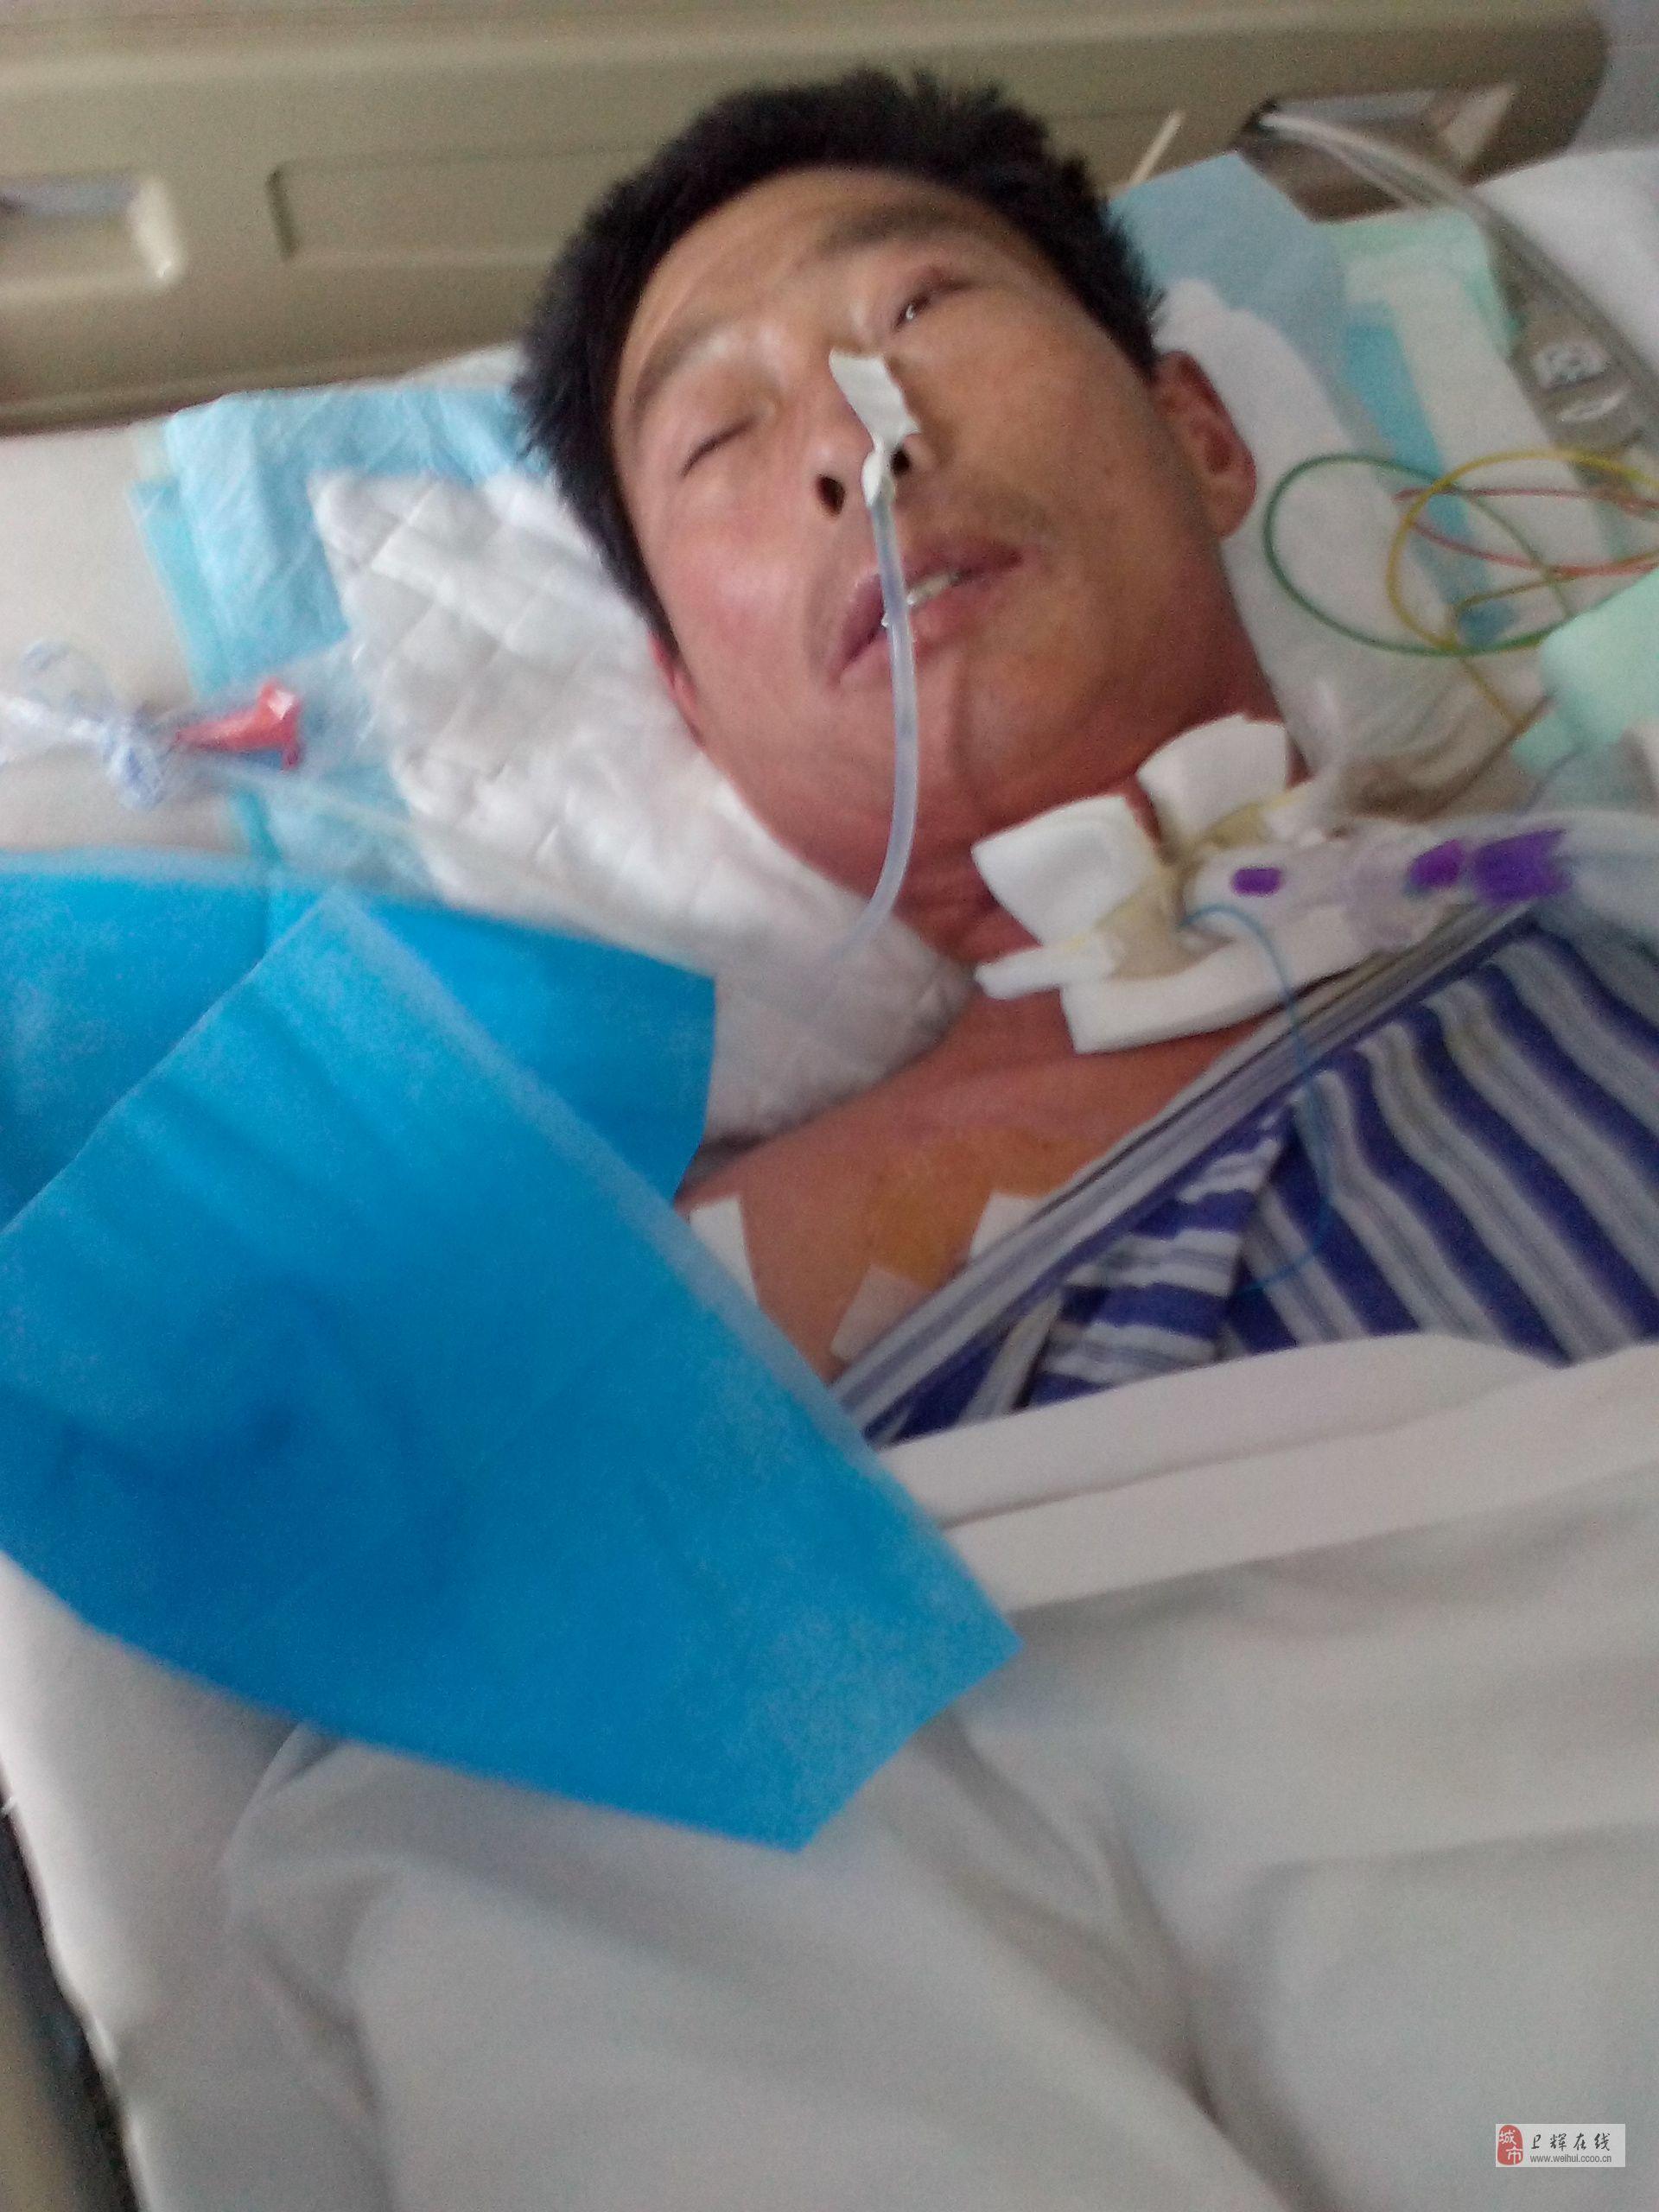 我父亲因工不慎被高压线坠落 脊椎骨折 四肢瘫痪 寻求帮助高清图片